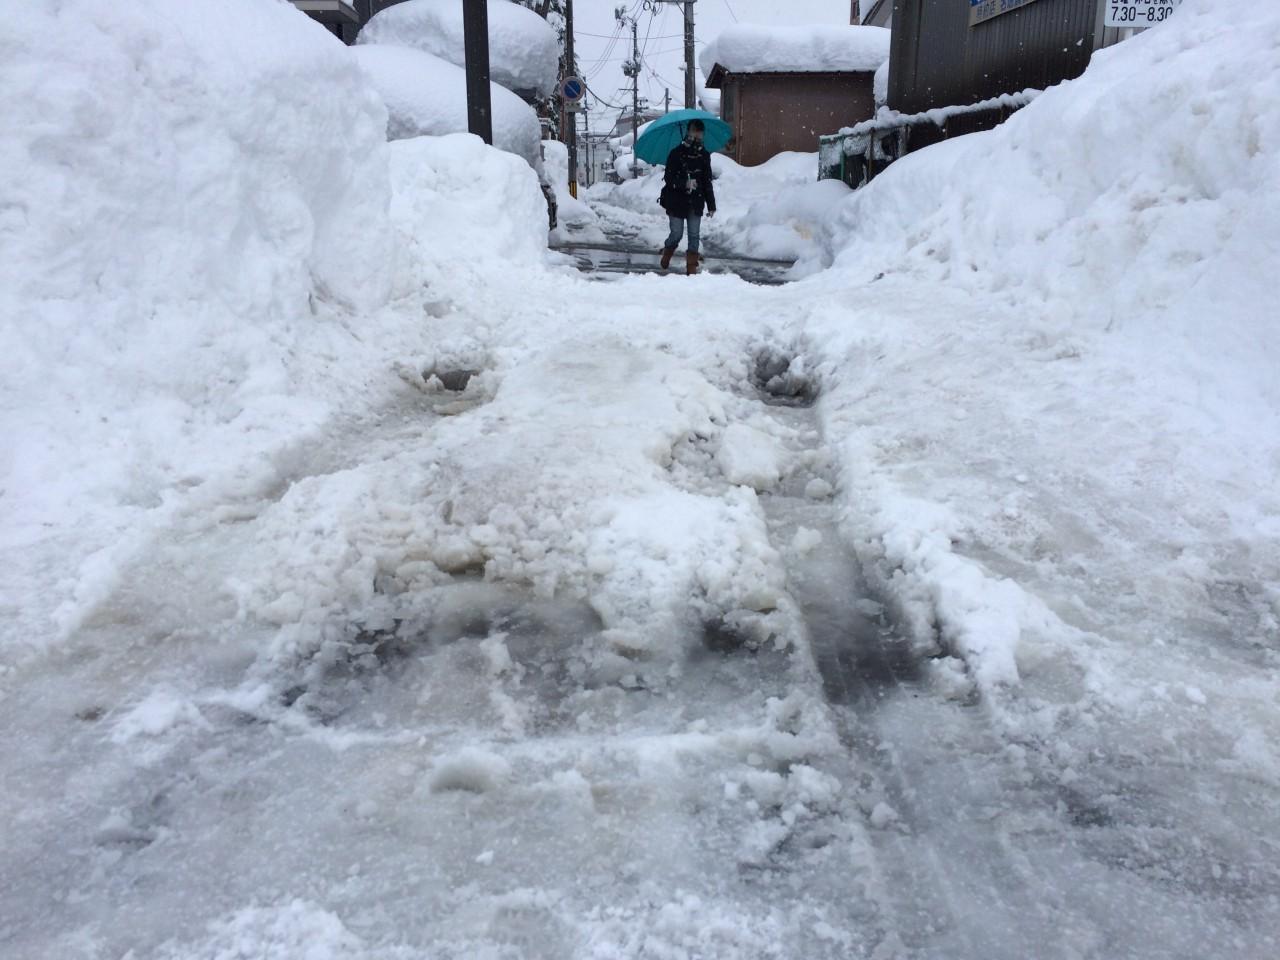 スッタクから脱出後の現場。硬く凍った雪の上に亀が乗った状態でした。